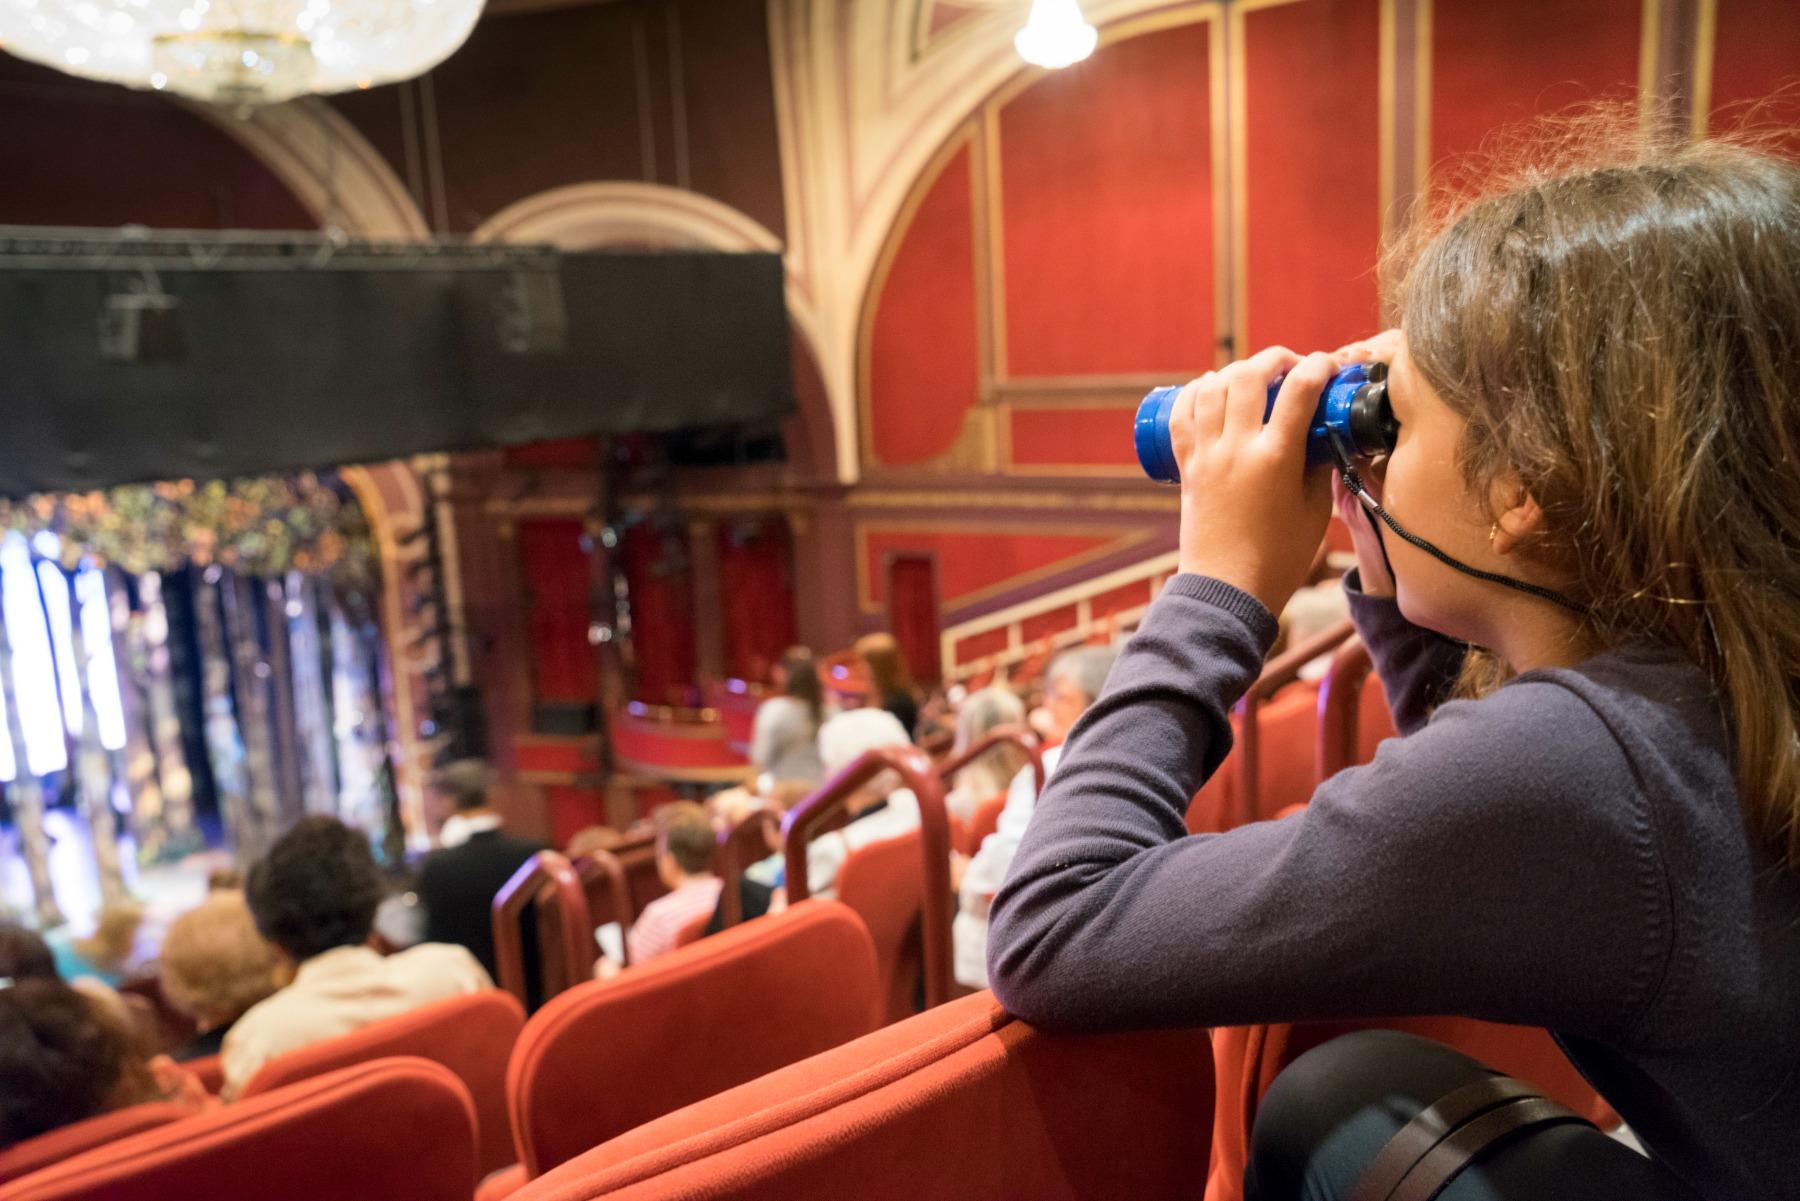 teater, musical, kultur, pige,